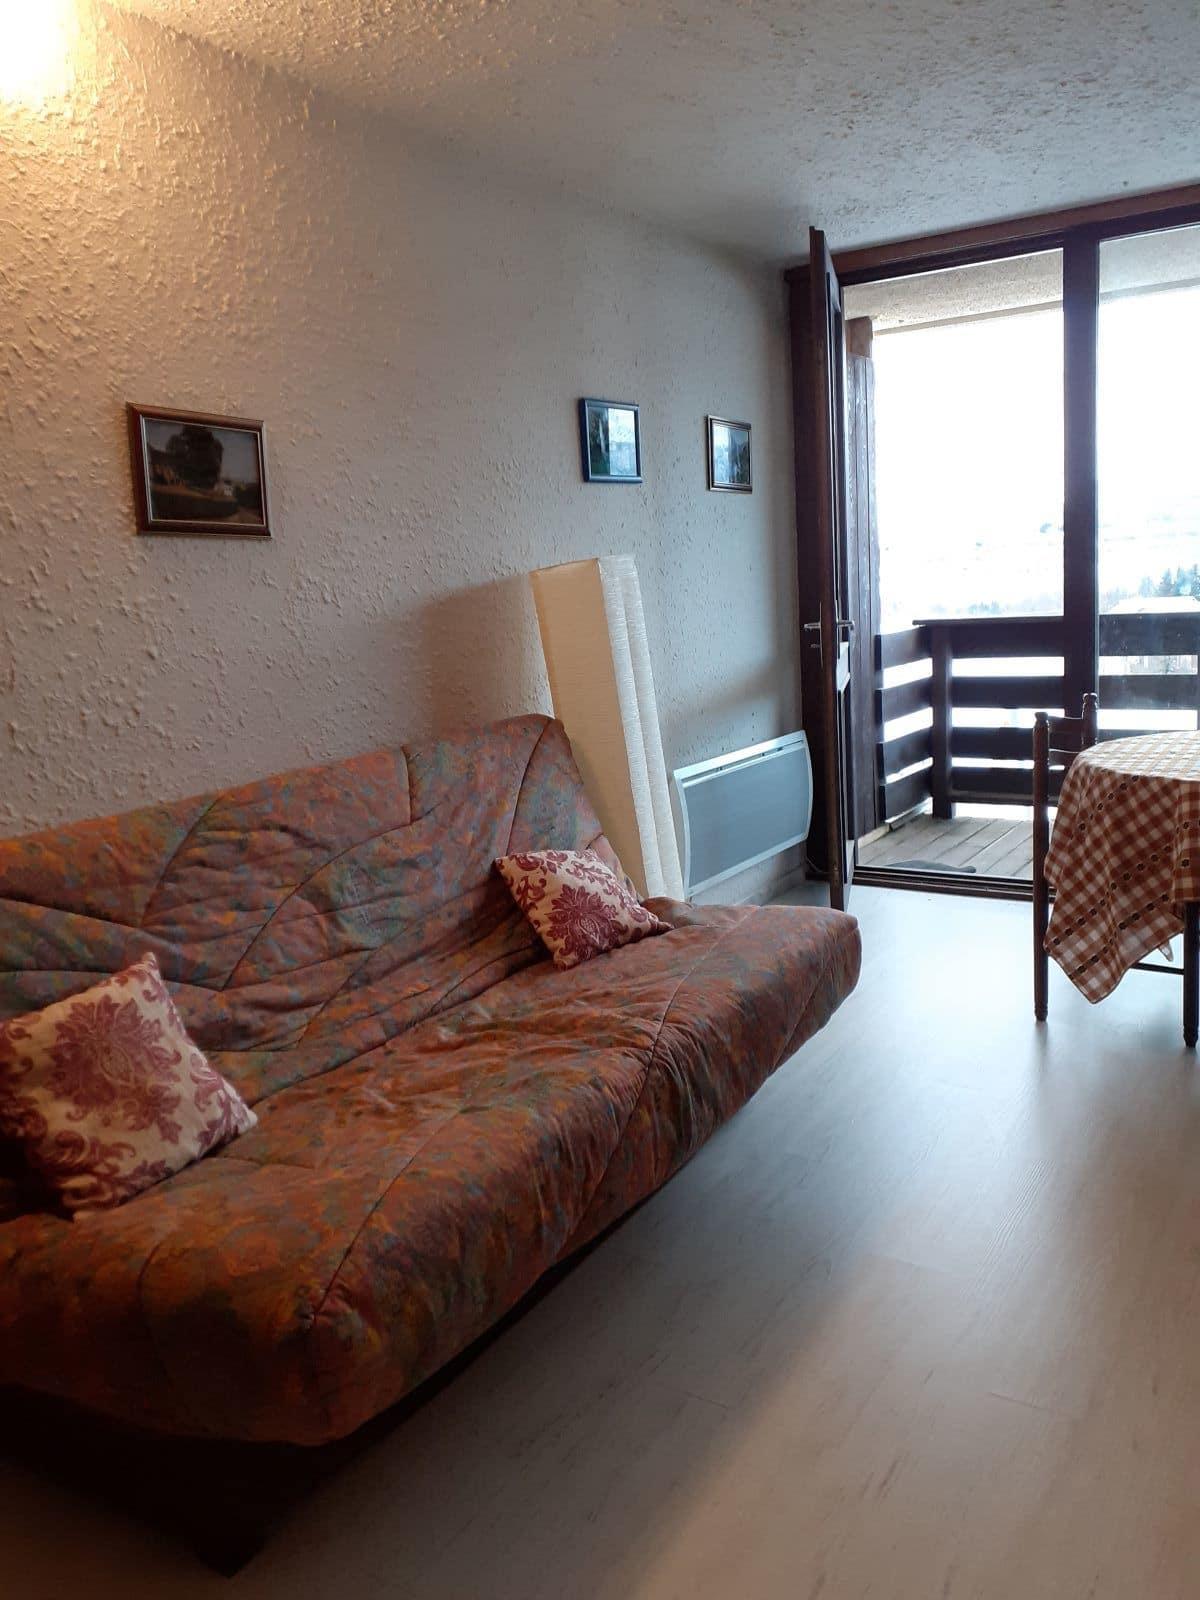 20201214 161219 - ANCELLE STUDIO DE 27 m² ( 5 COUCHAGES) AVEC BALCON